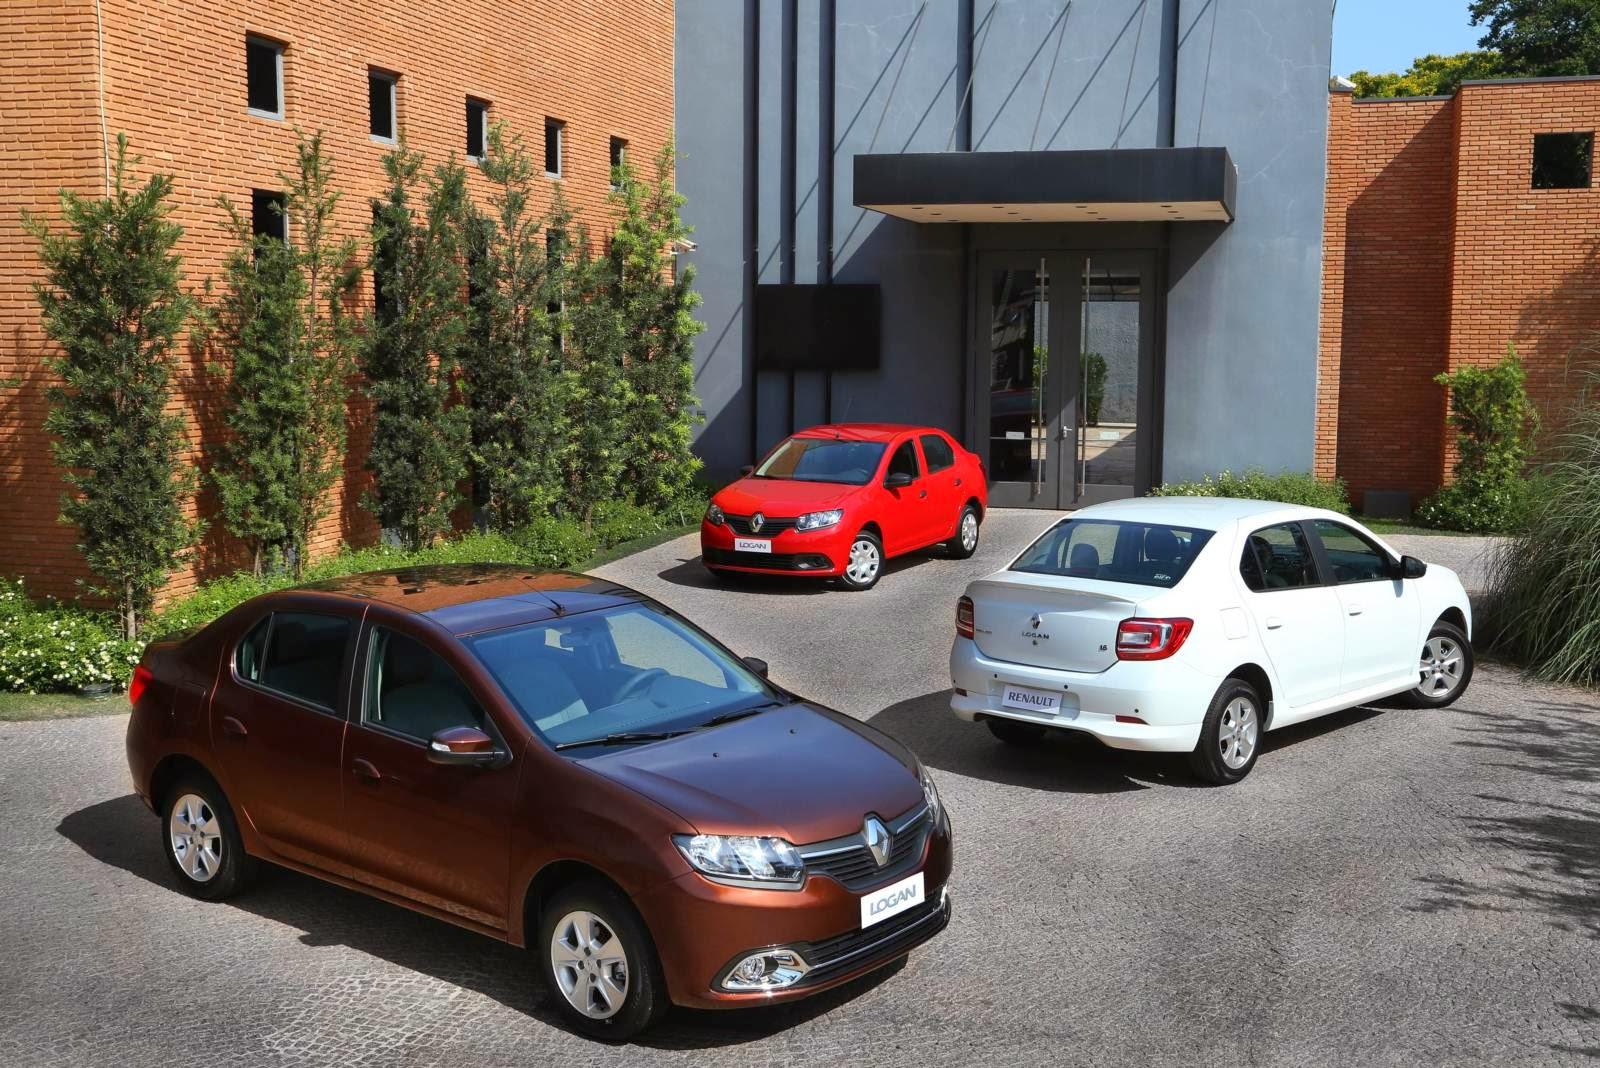 Novo Renault Logan 2014  Fotos  Consumo E Pre U00e7os